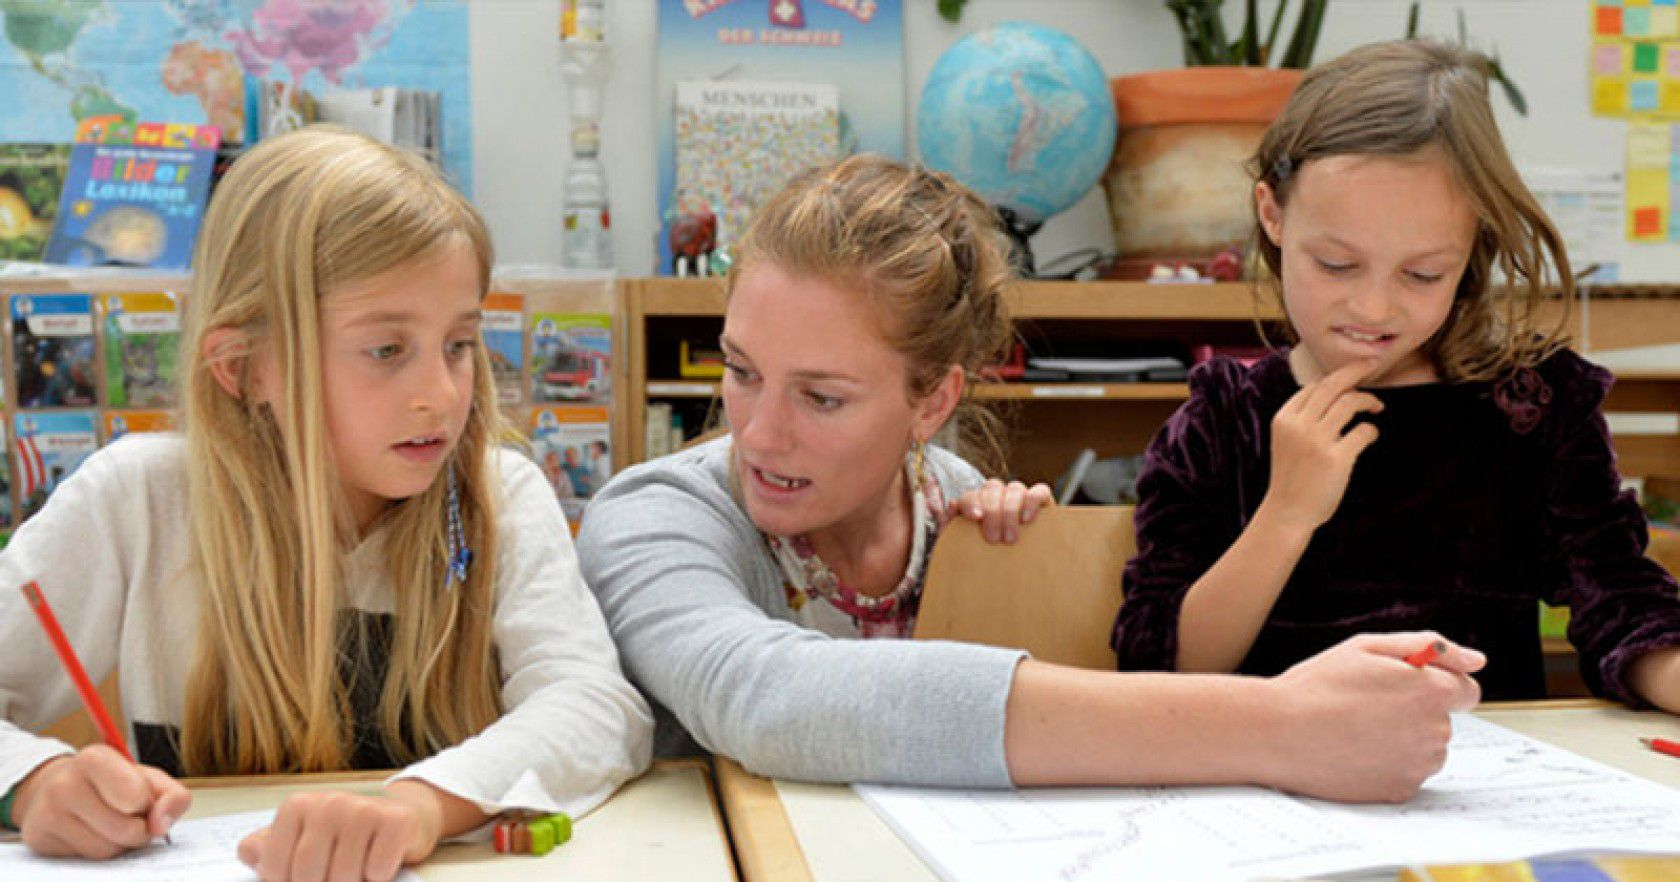 İsviçre Lise Eğitiminin Tercih Edilmesinin Sebepleri